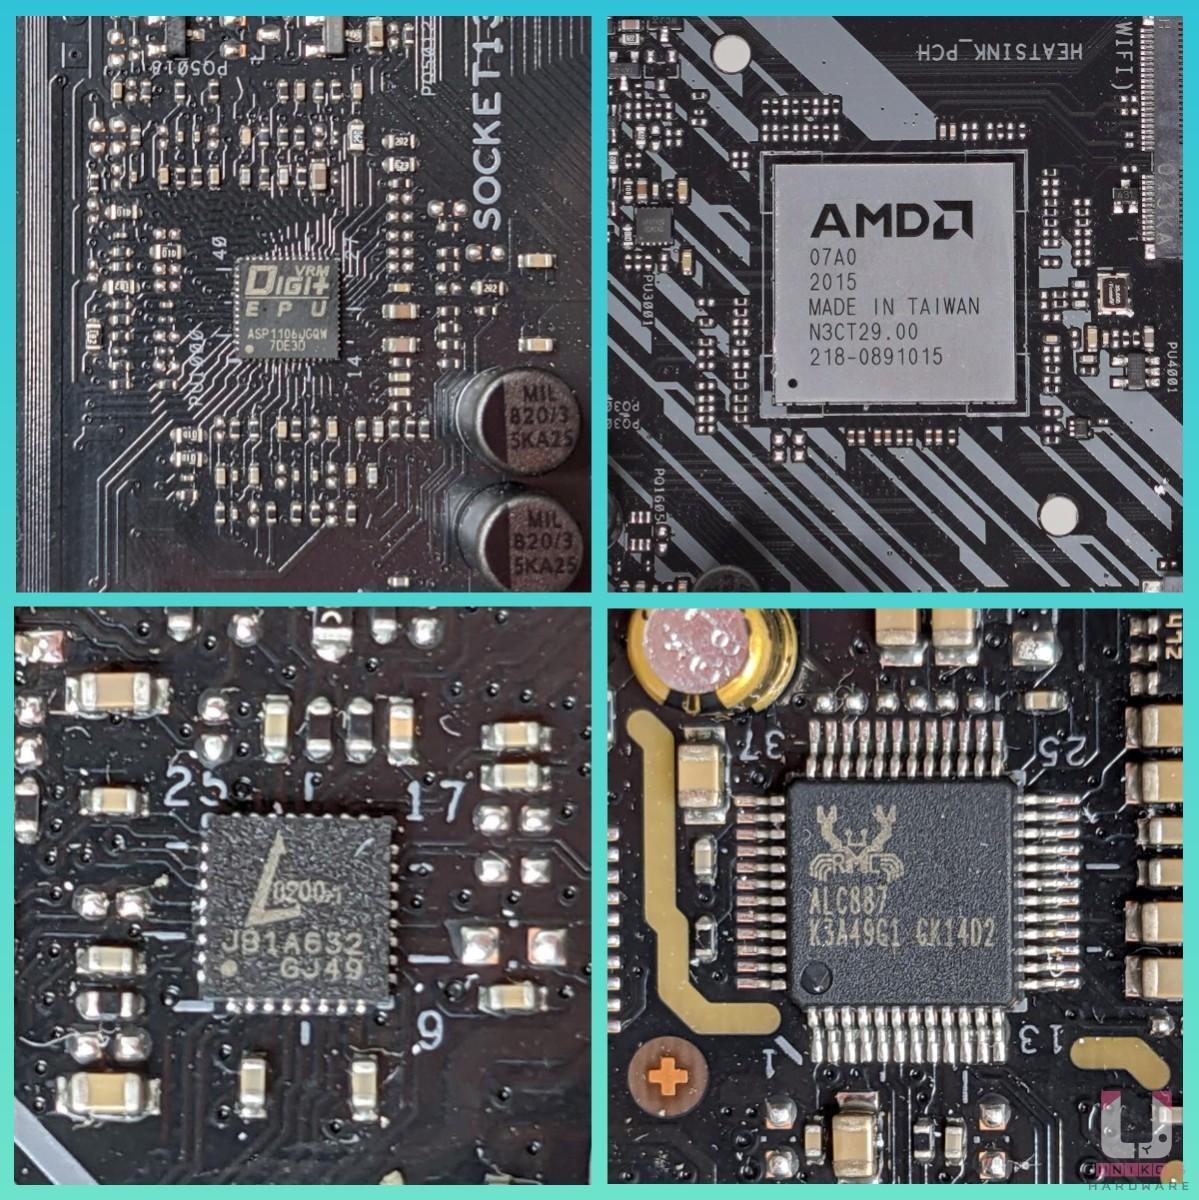 Digi+ EPU ASP1106GGQW (X +Y = 6) PWM 控制器、AMD A520 晶片組、Realtek L8200A 1Gb、Realtek ALC887。